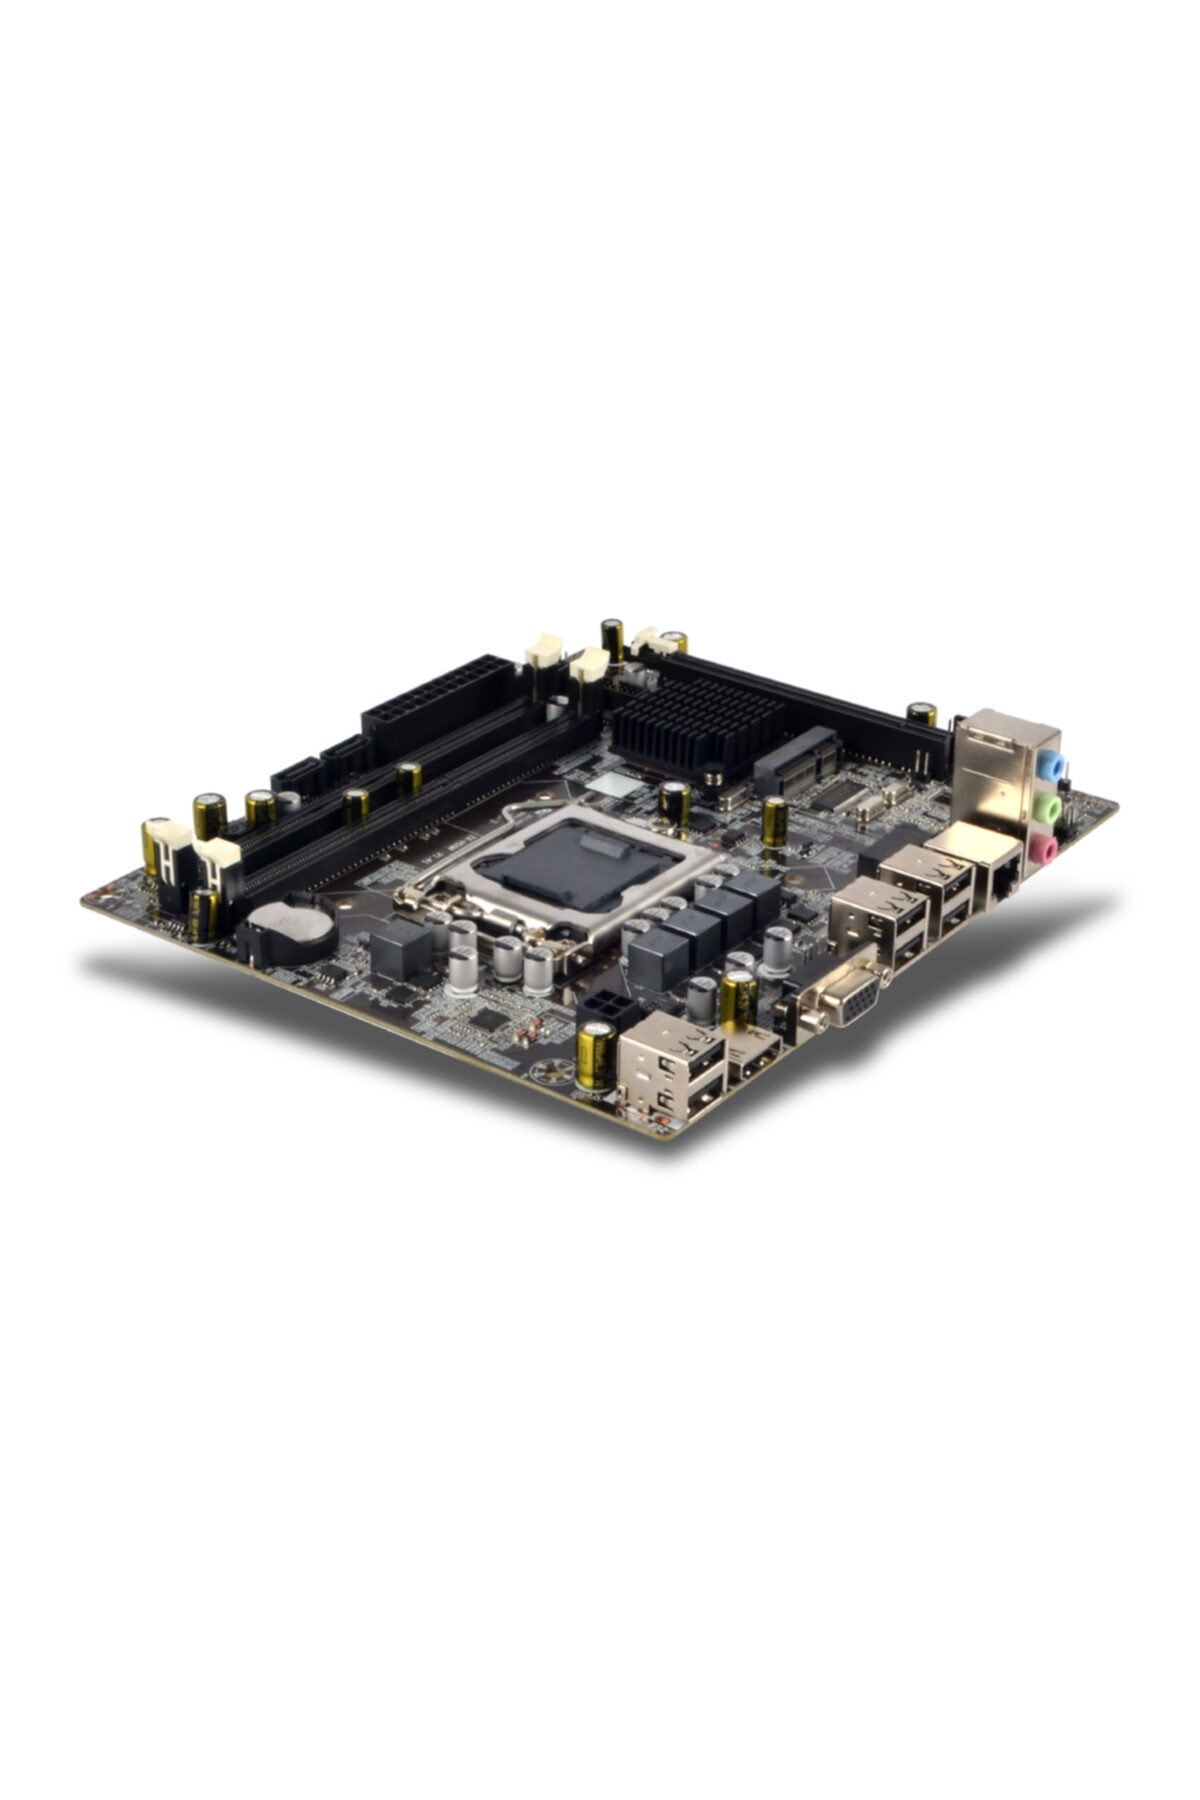 TURBOX H55 Intel H55 1600 Mhz Ddr3 Soket 1156pin Mini Itx Anakart 1